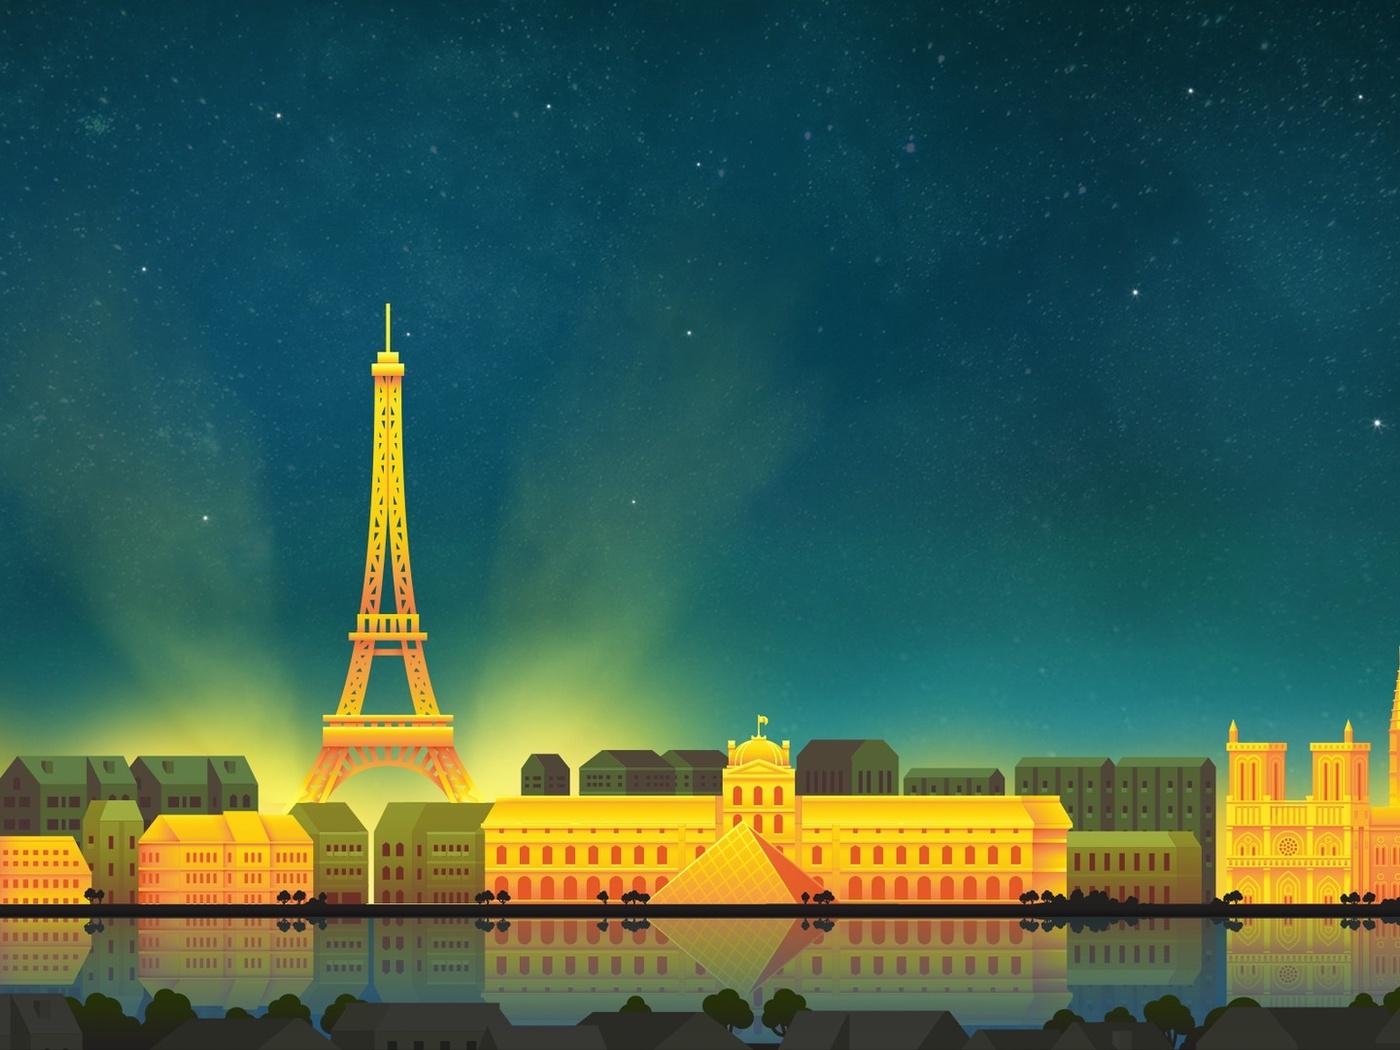 paris-eiffel-tower-minimalist-6d.jpg